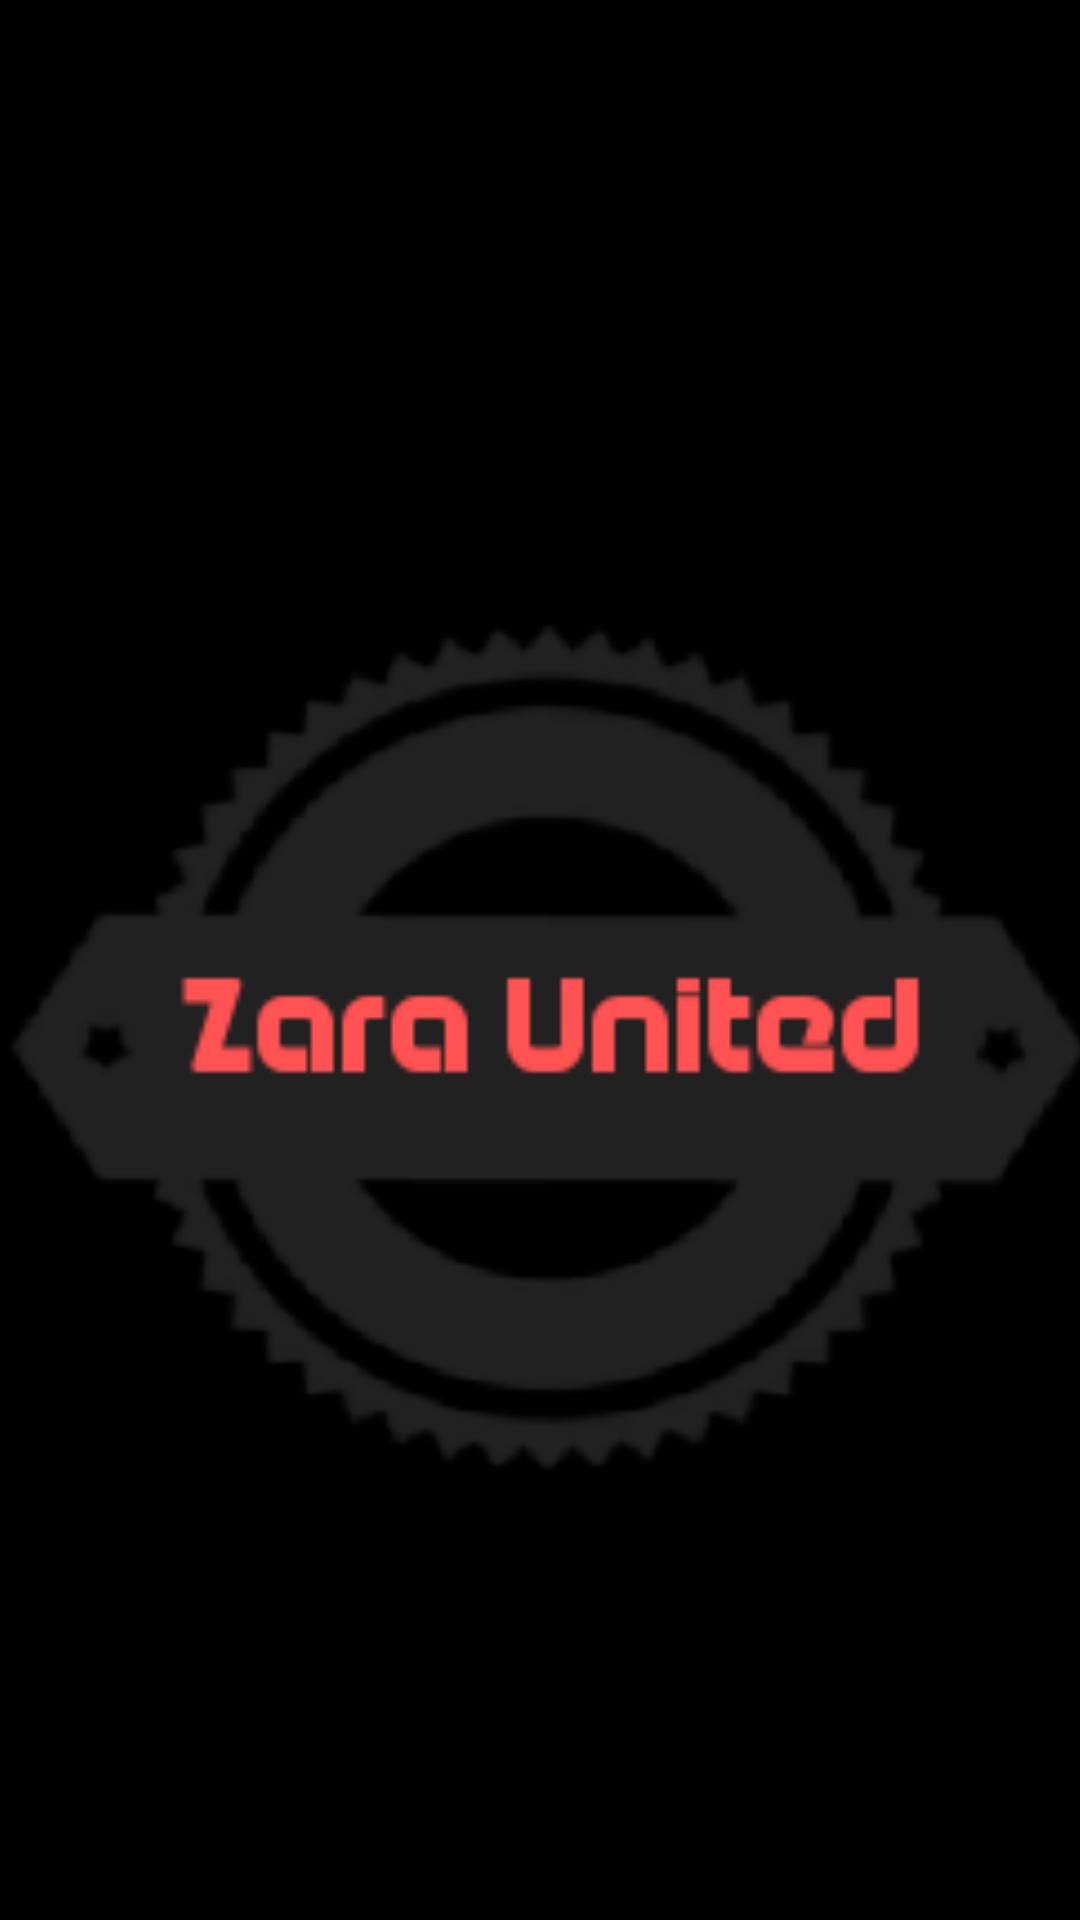 Zara United